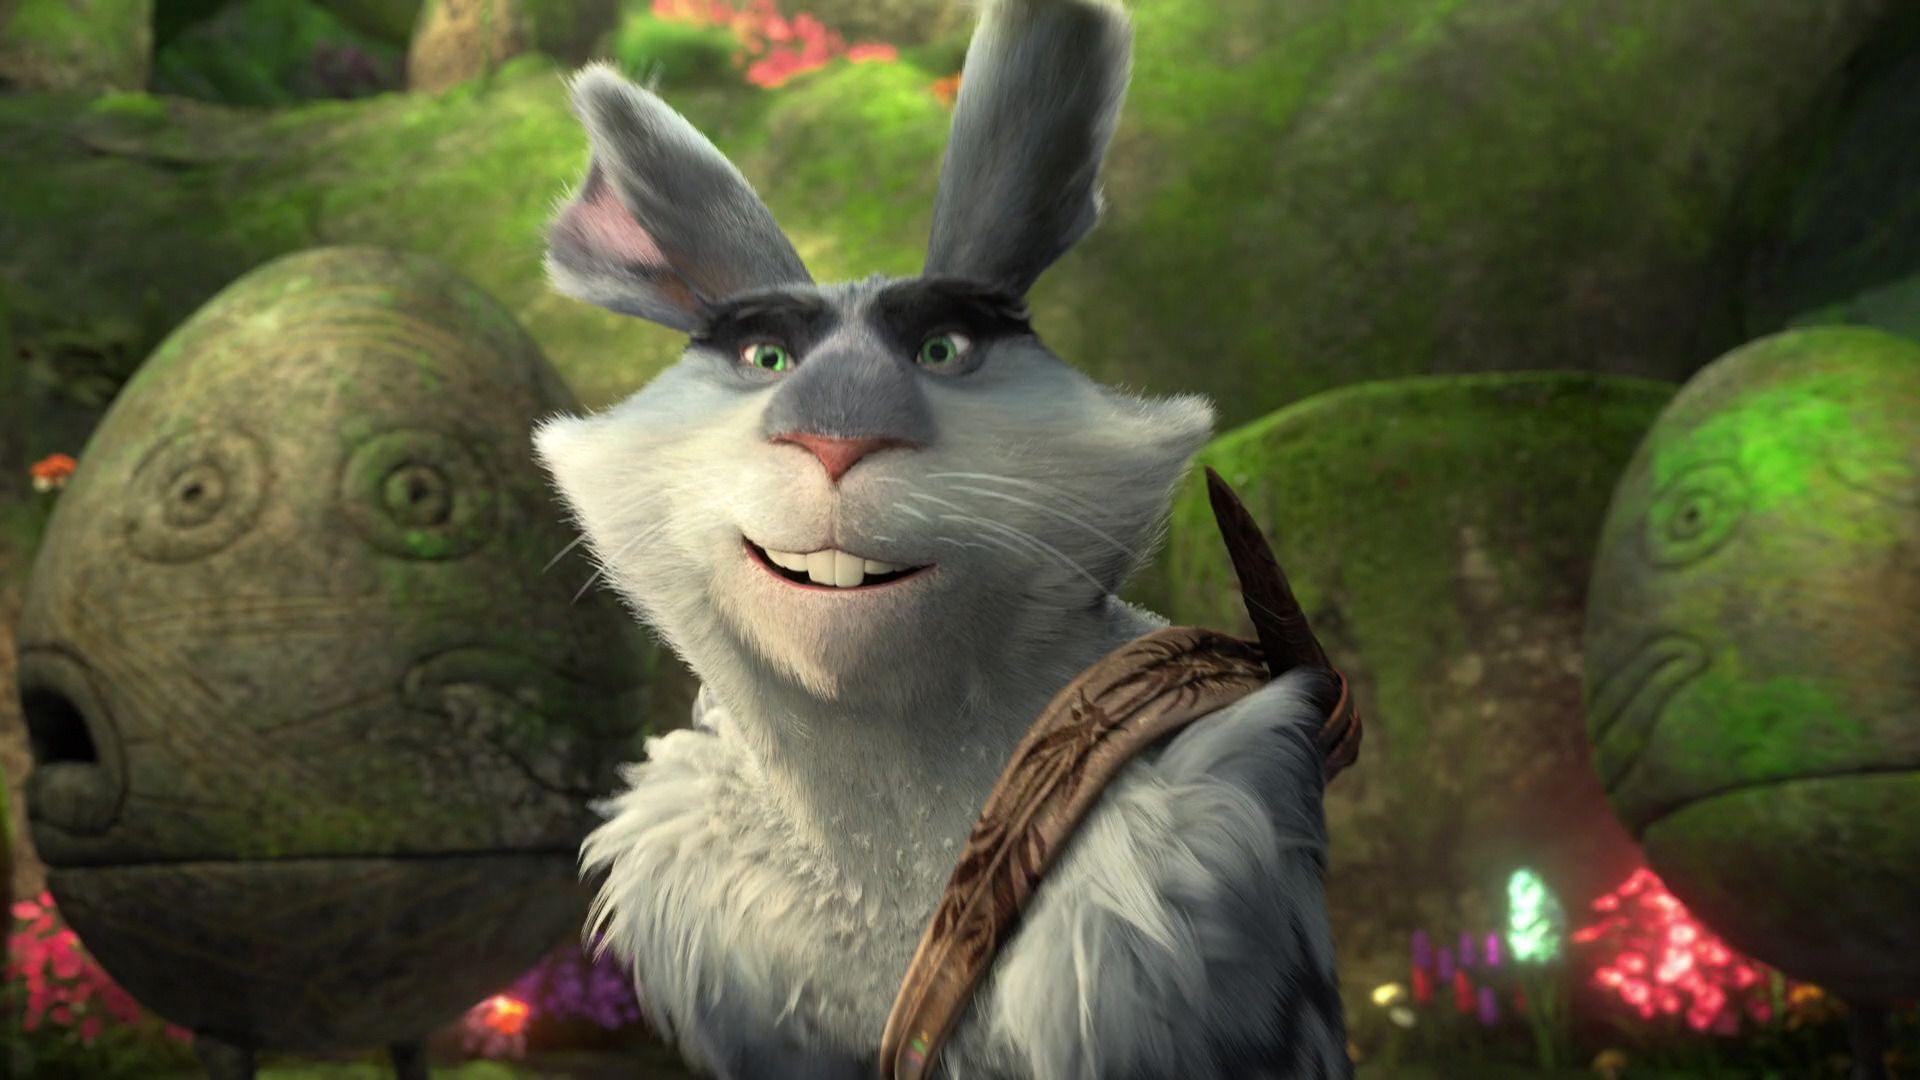 кролик из хранителей снов картинки ваши документы фотографии